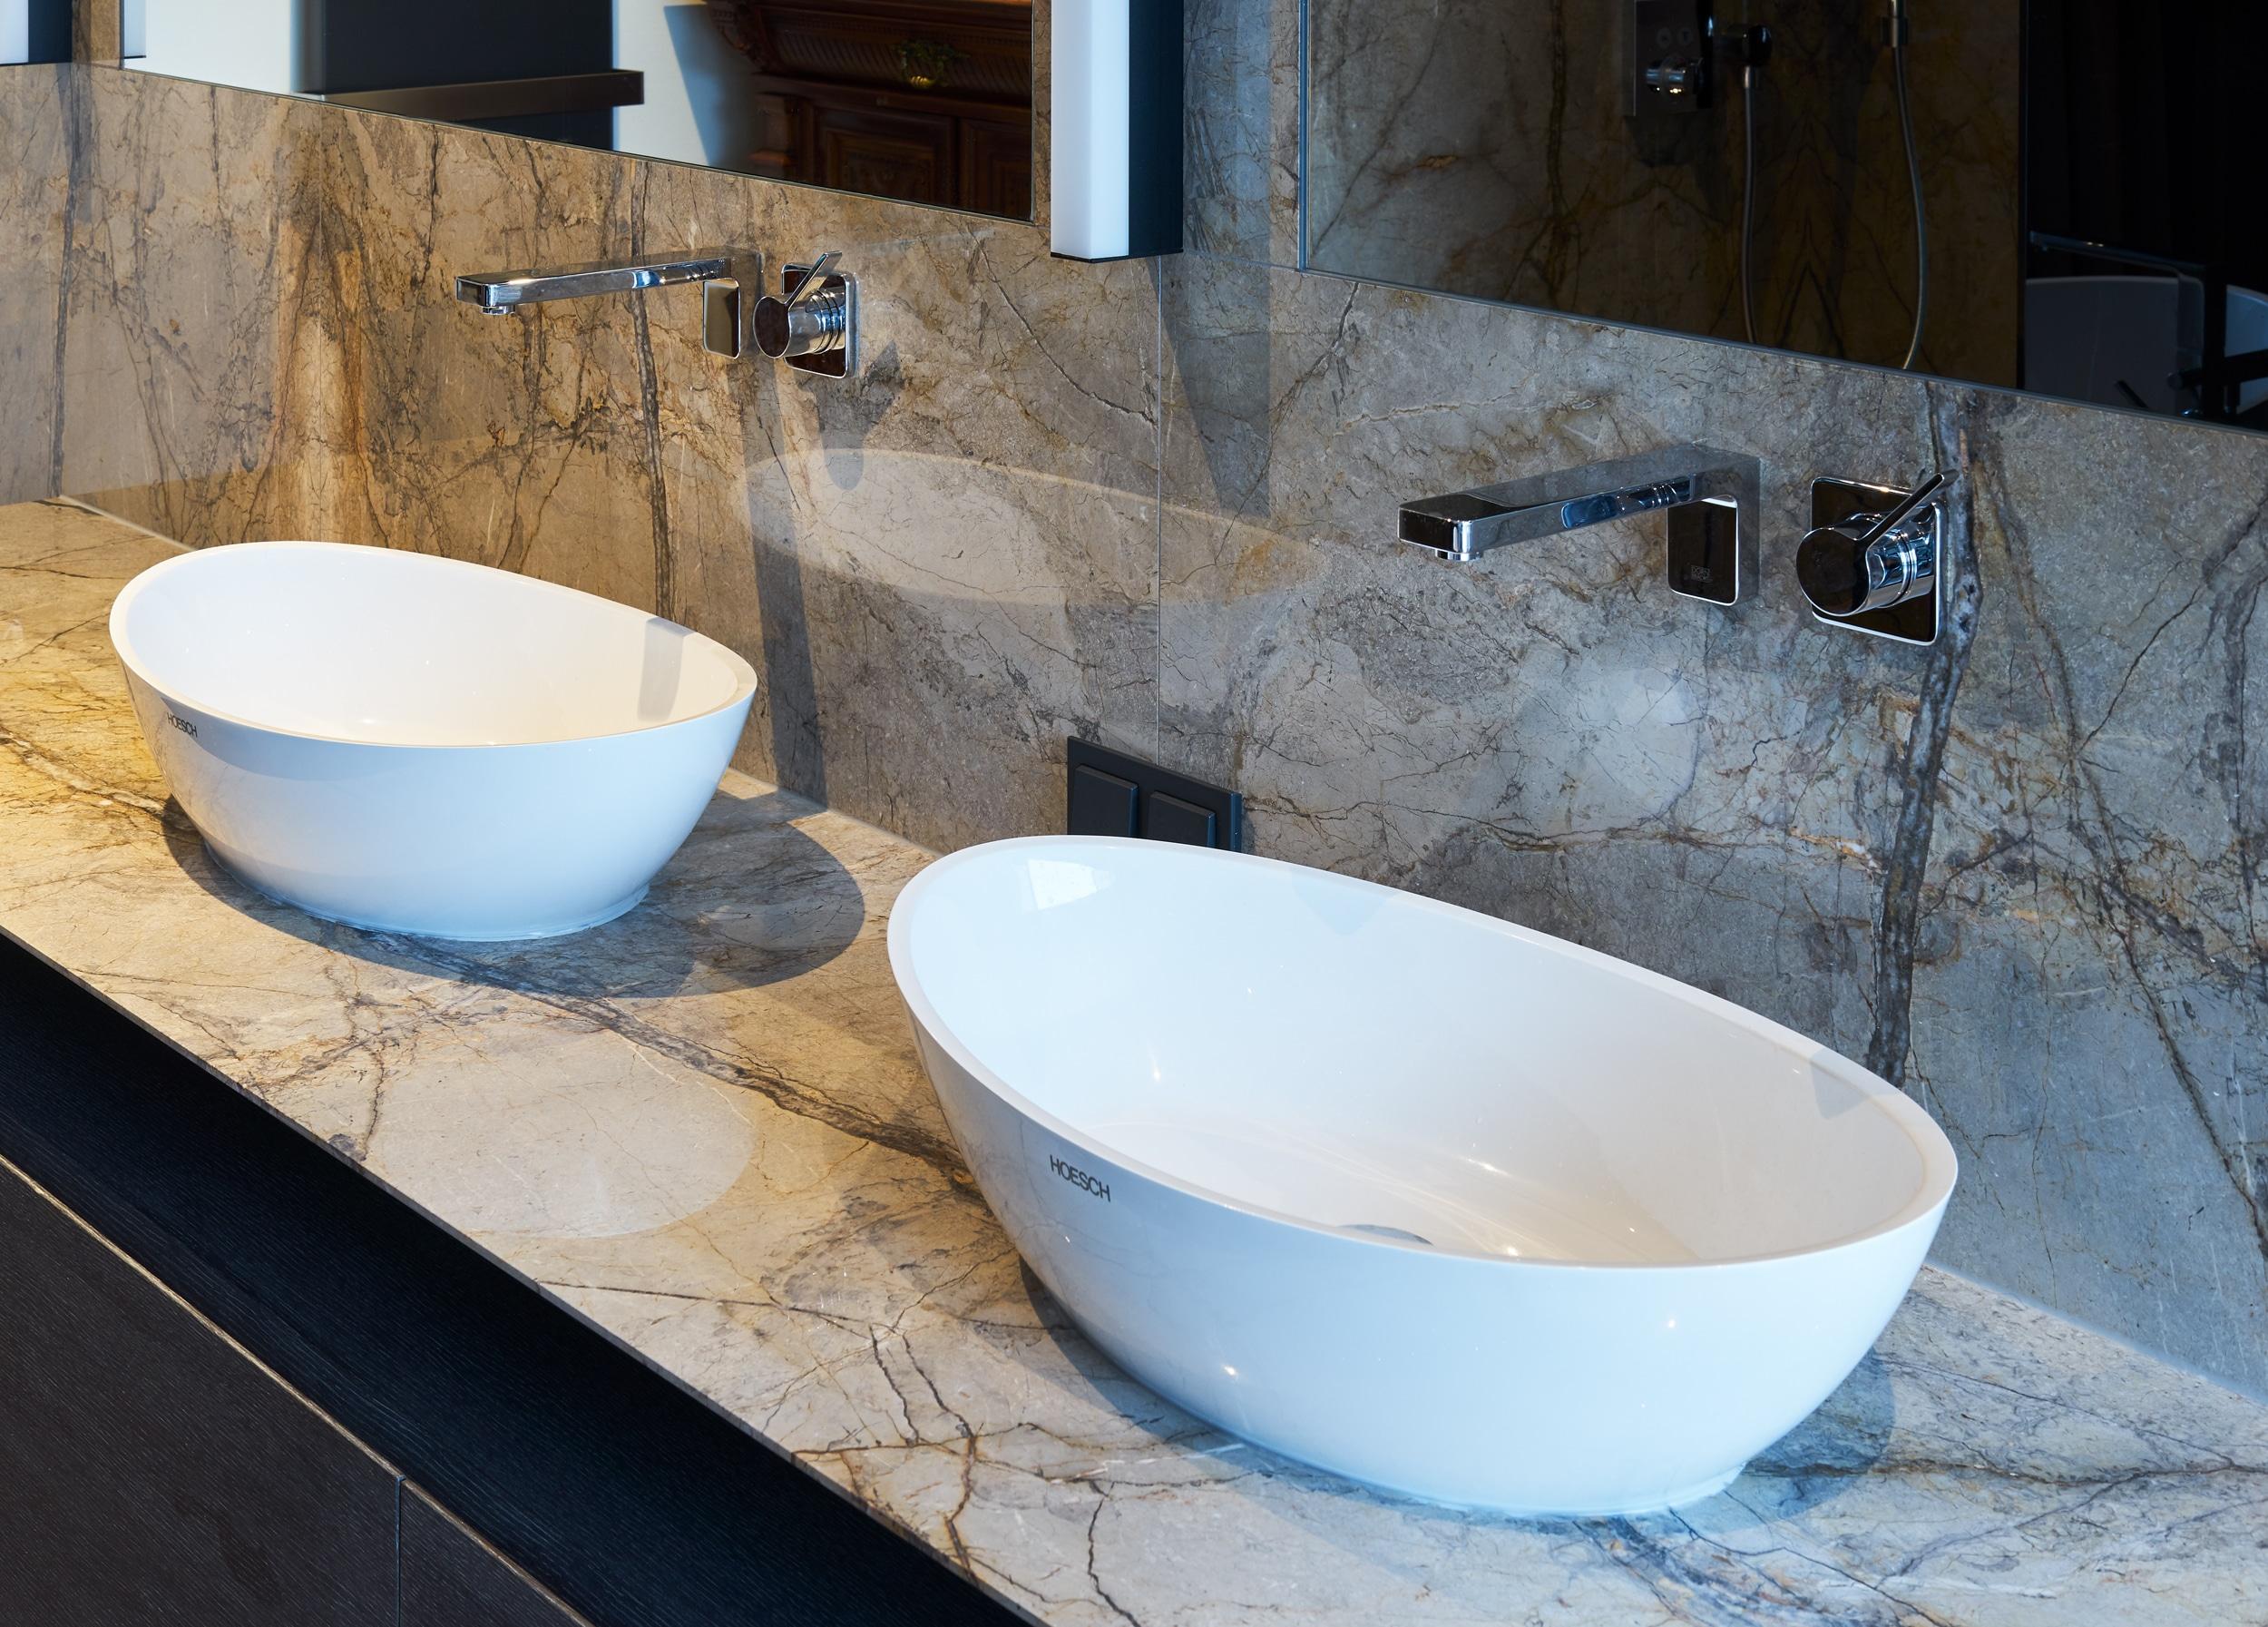 Die symmetrische Formensprache zieht sich durch das gesamte Raumkonzept, von den Leuchten über die Spiegel bis zu den beiden Waschbecken. Auf einem Natursteinelement locker platziert, wirken sie wie kleine Schiffchen auf dem Wasser.